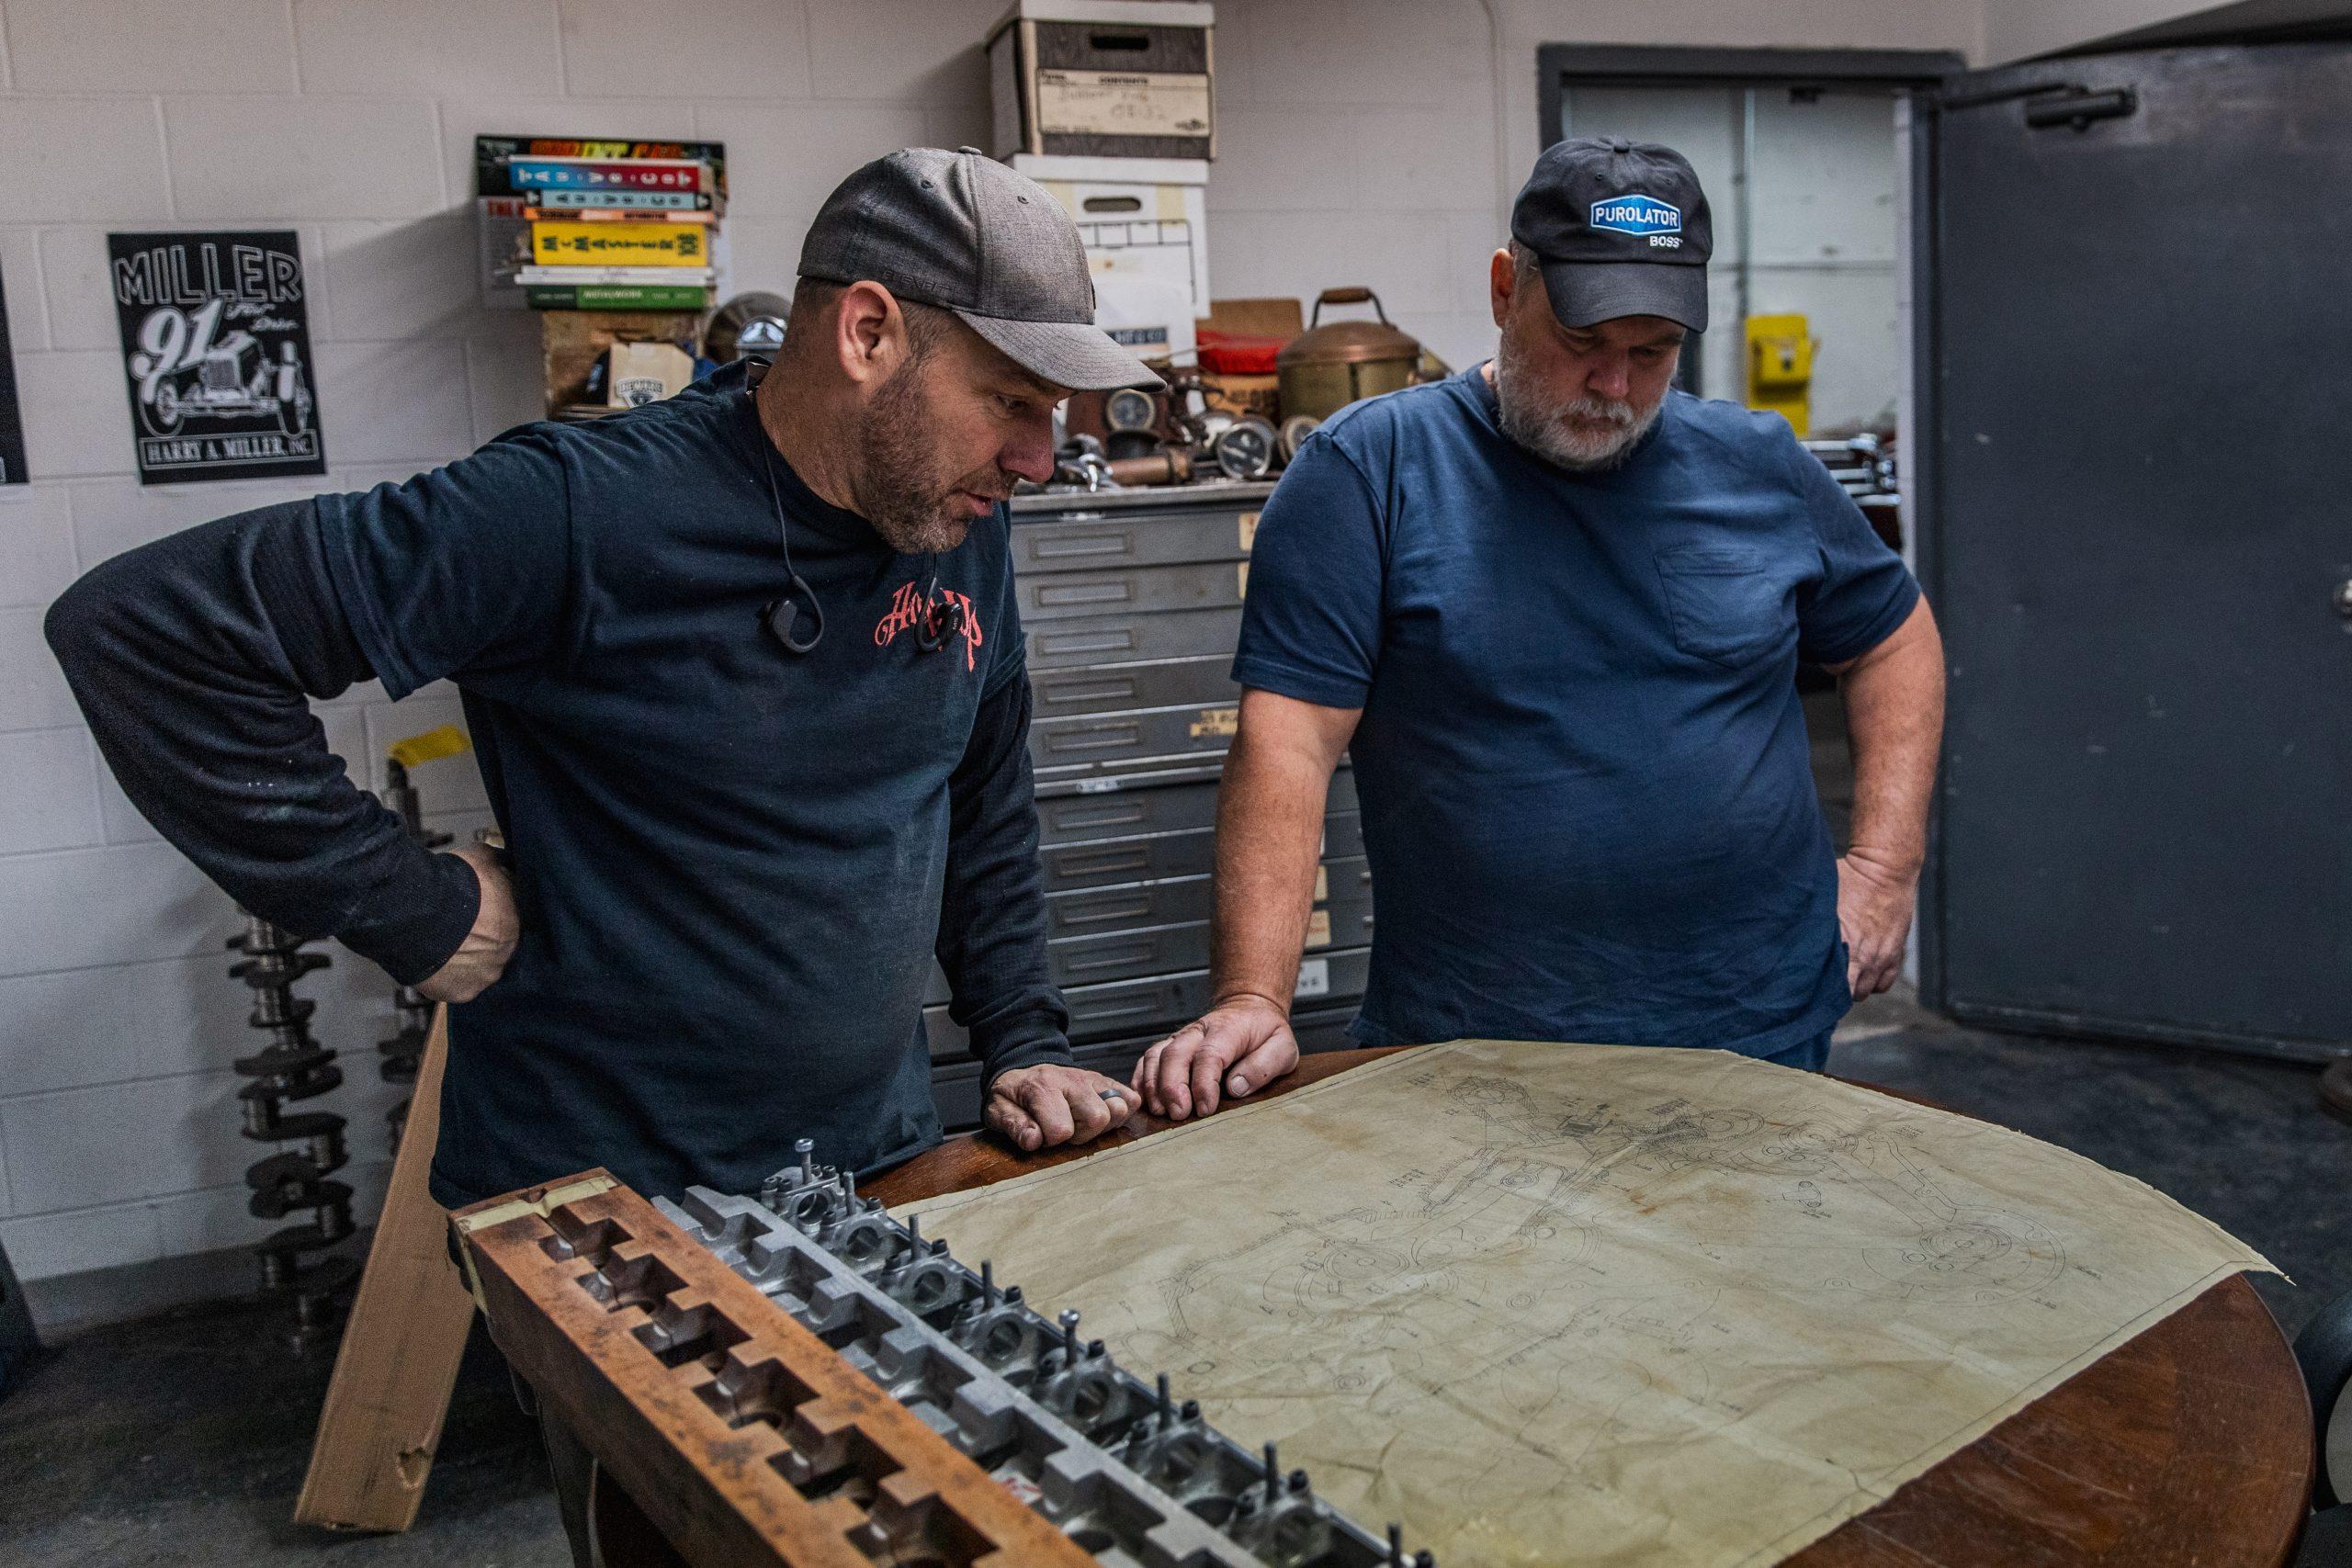 fabricators overlook mechanical drawing